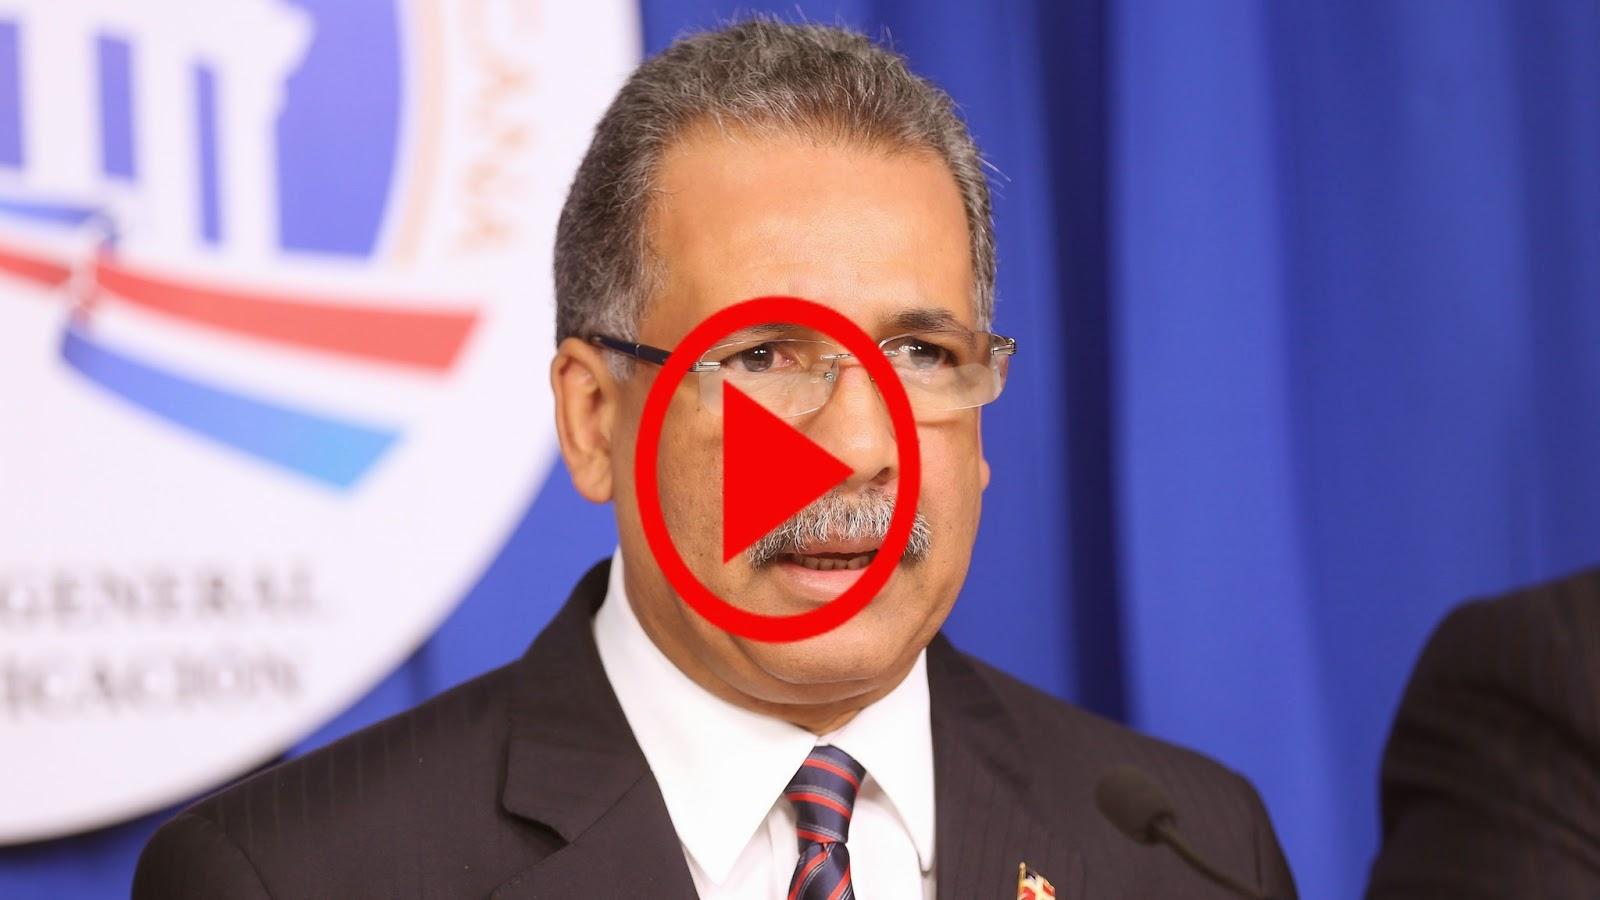 República Dominicana logra reducir Deuda Pública en 2,094 millones de dólares